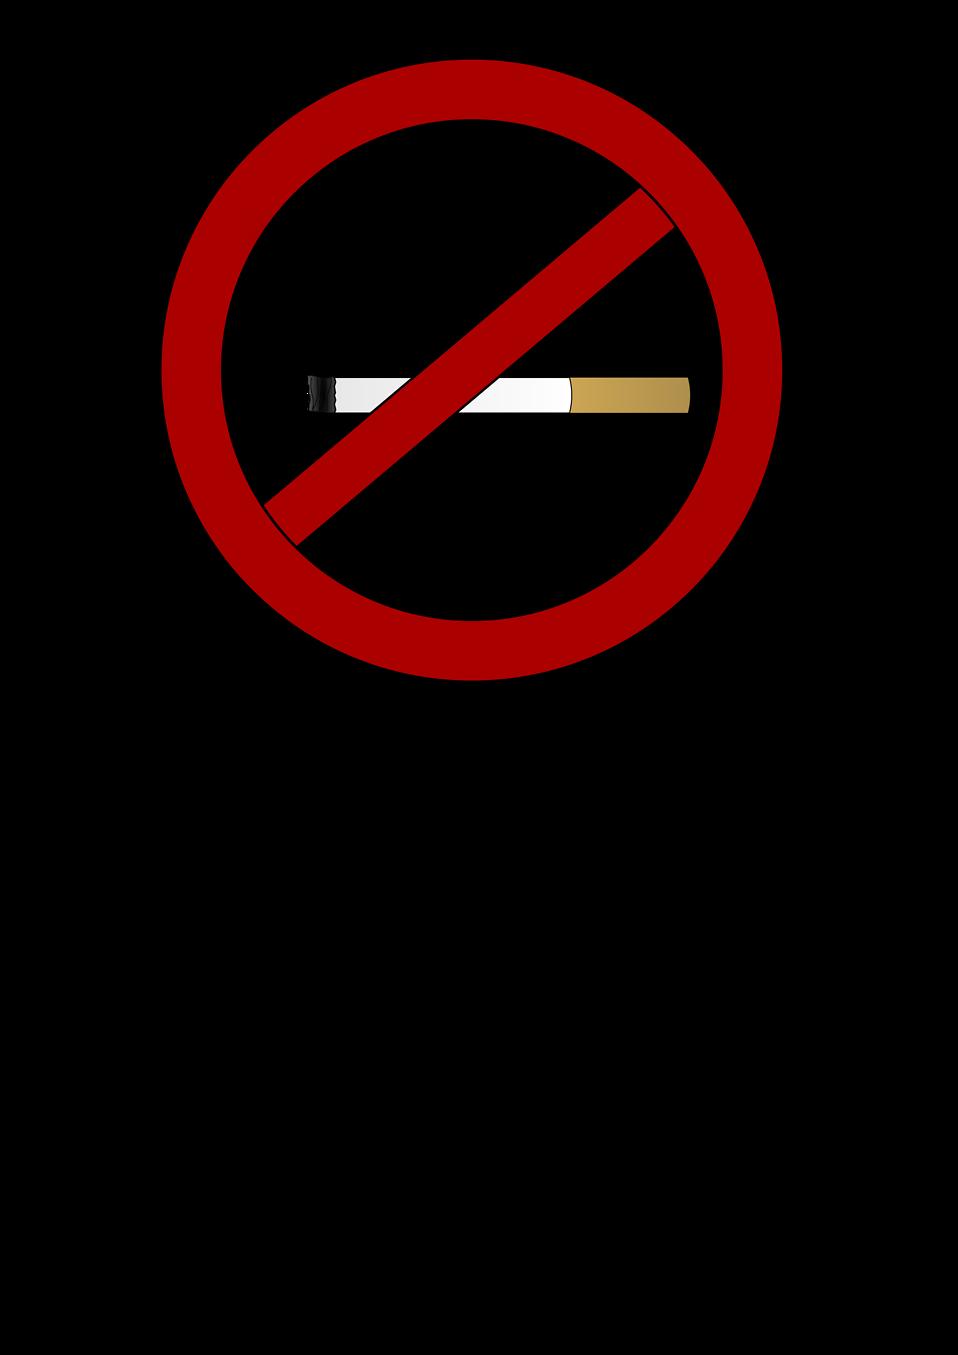 No Smoking clipart circle Photo Illustration No a symbol